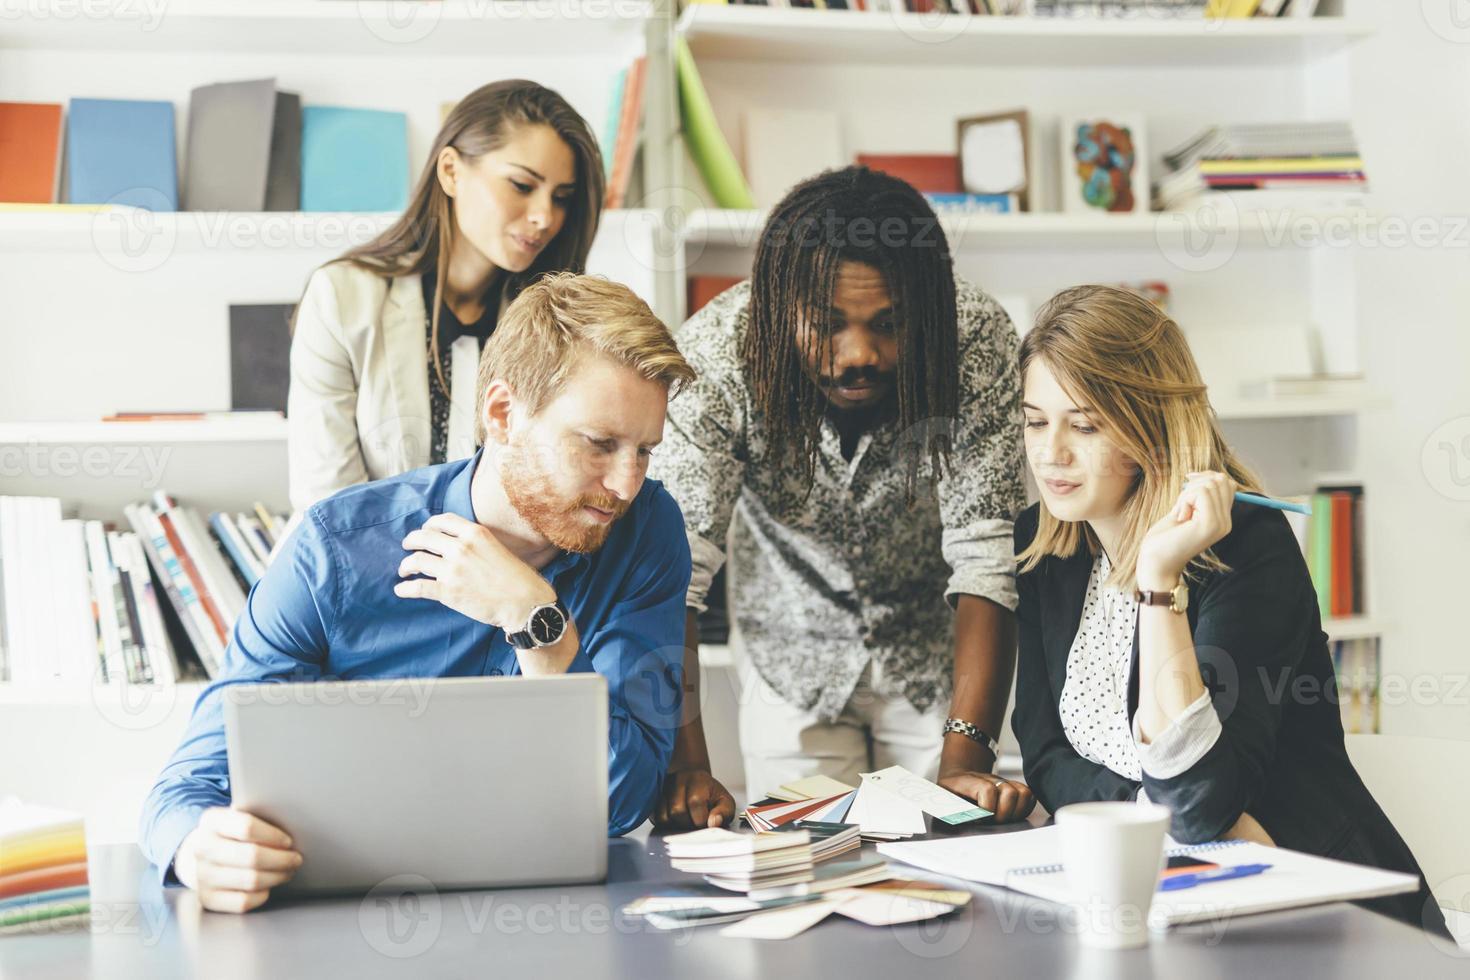 evento de brainstorming entre colegas de trabalho foto